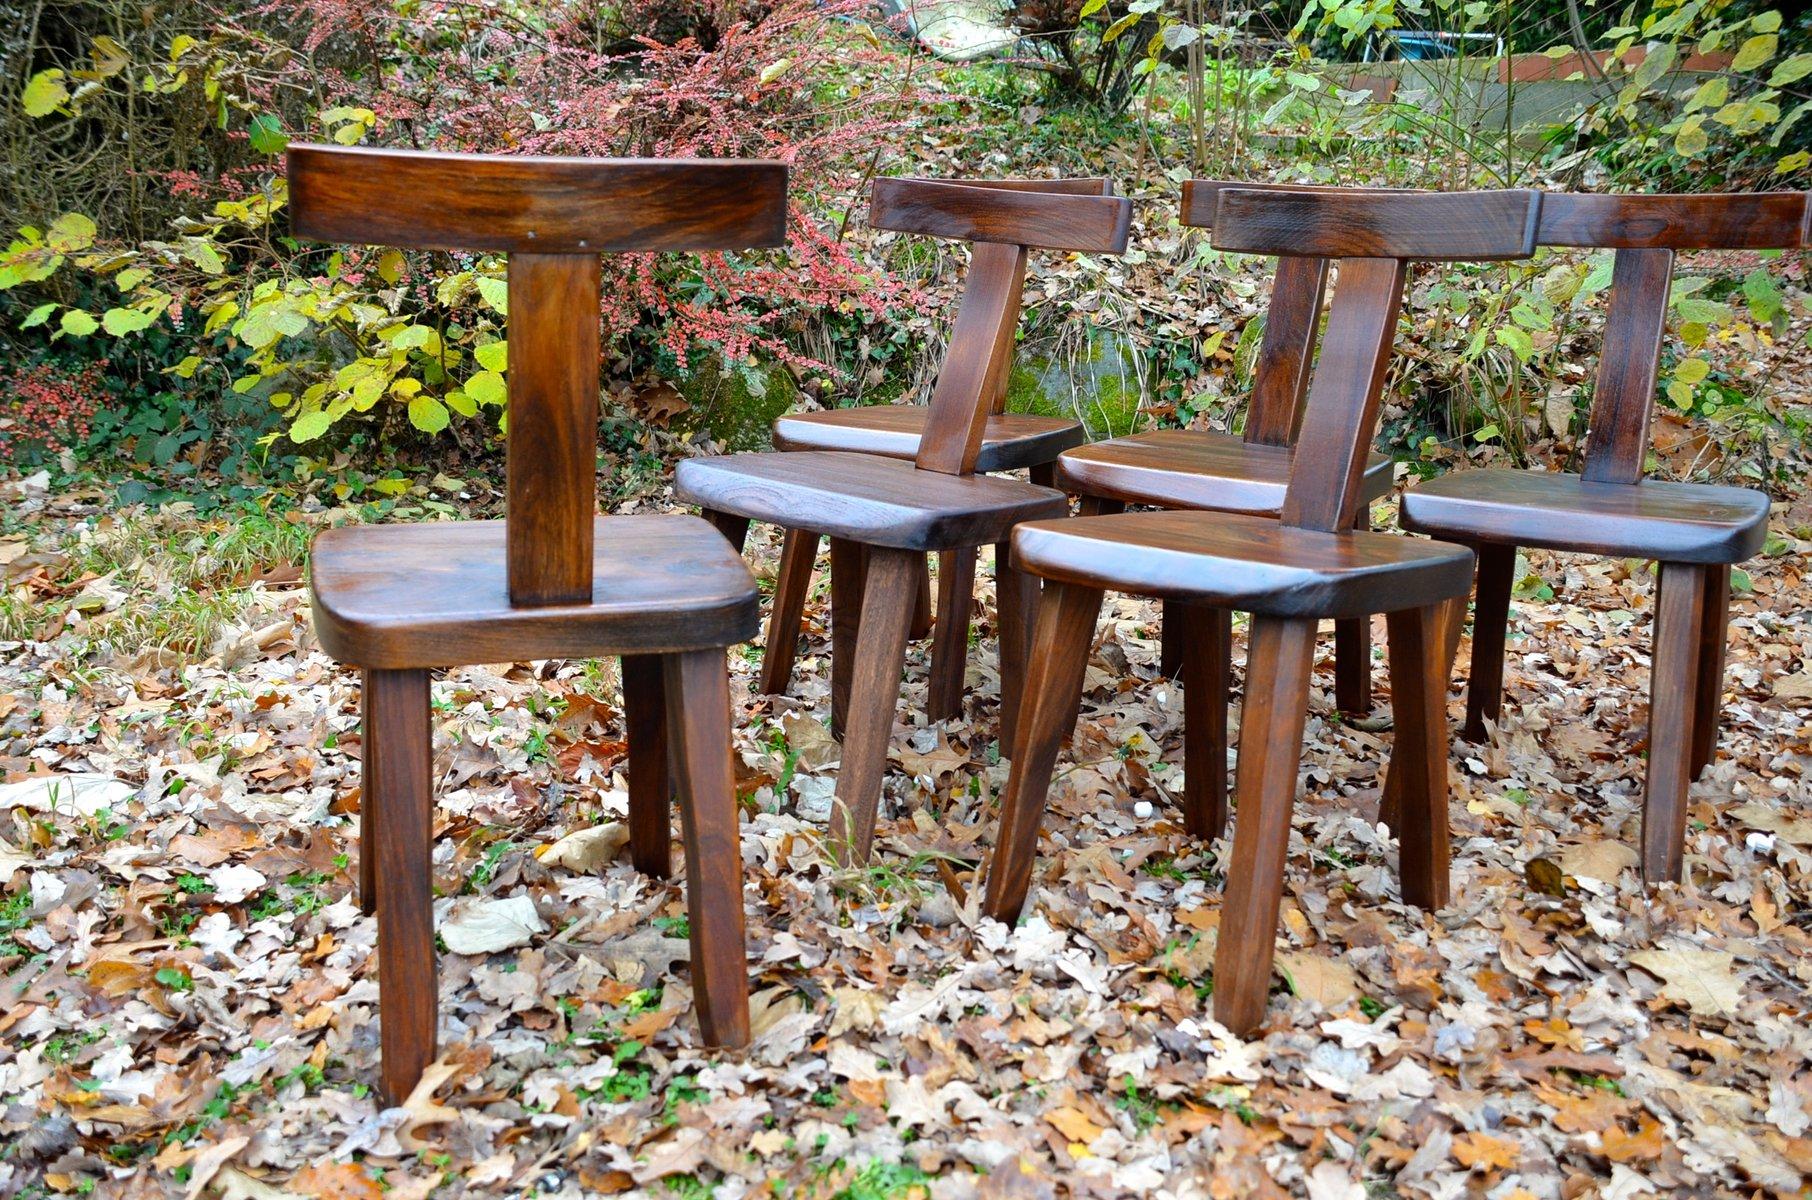 finnische st hle von olavi h nninen f r mikko nupponen 1950er 6er set bei pamono kaufen. Black Bedroom Furniture Sets. Home Design Ideas